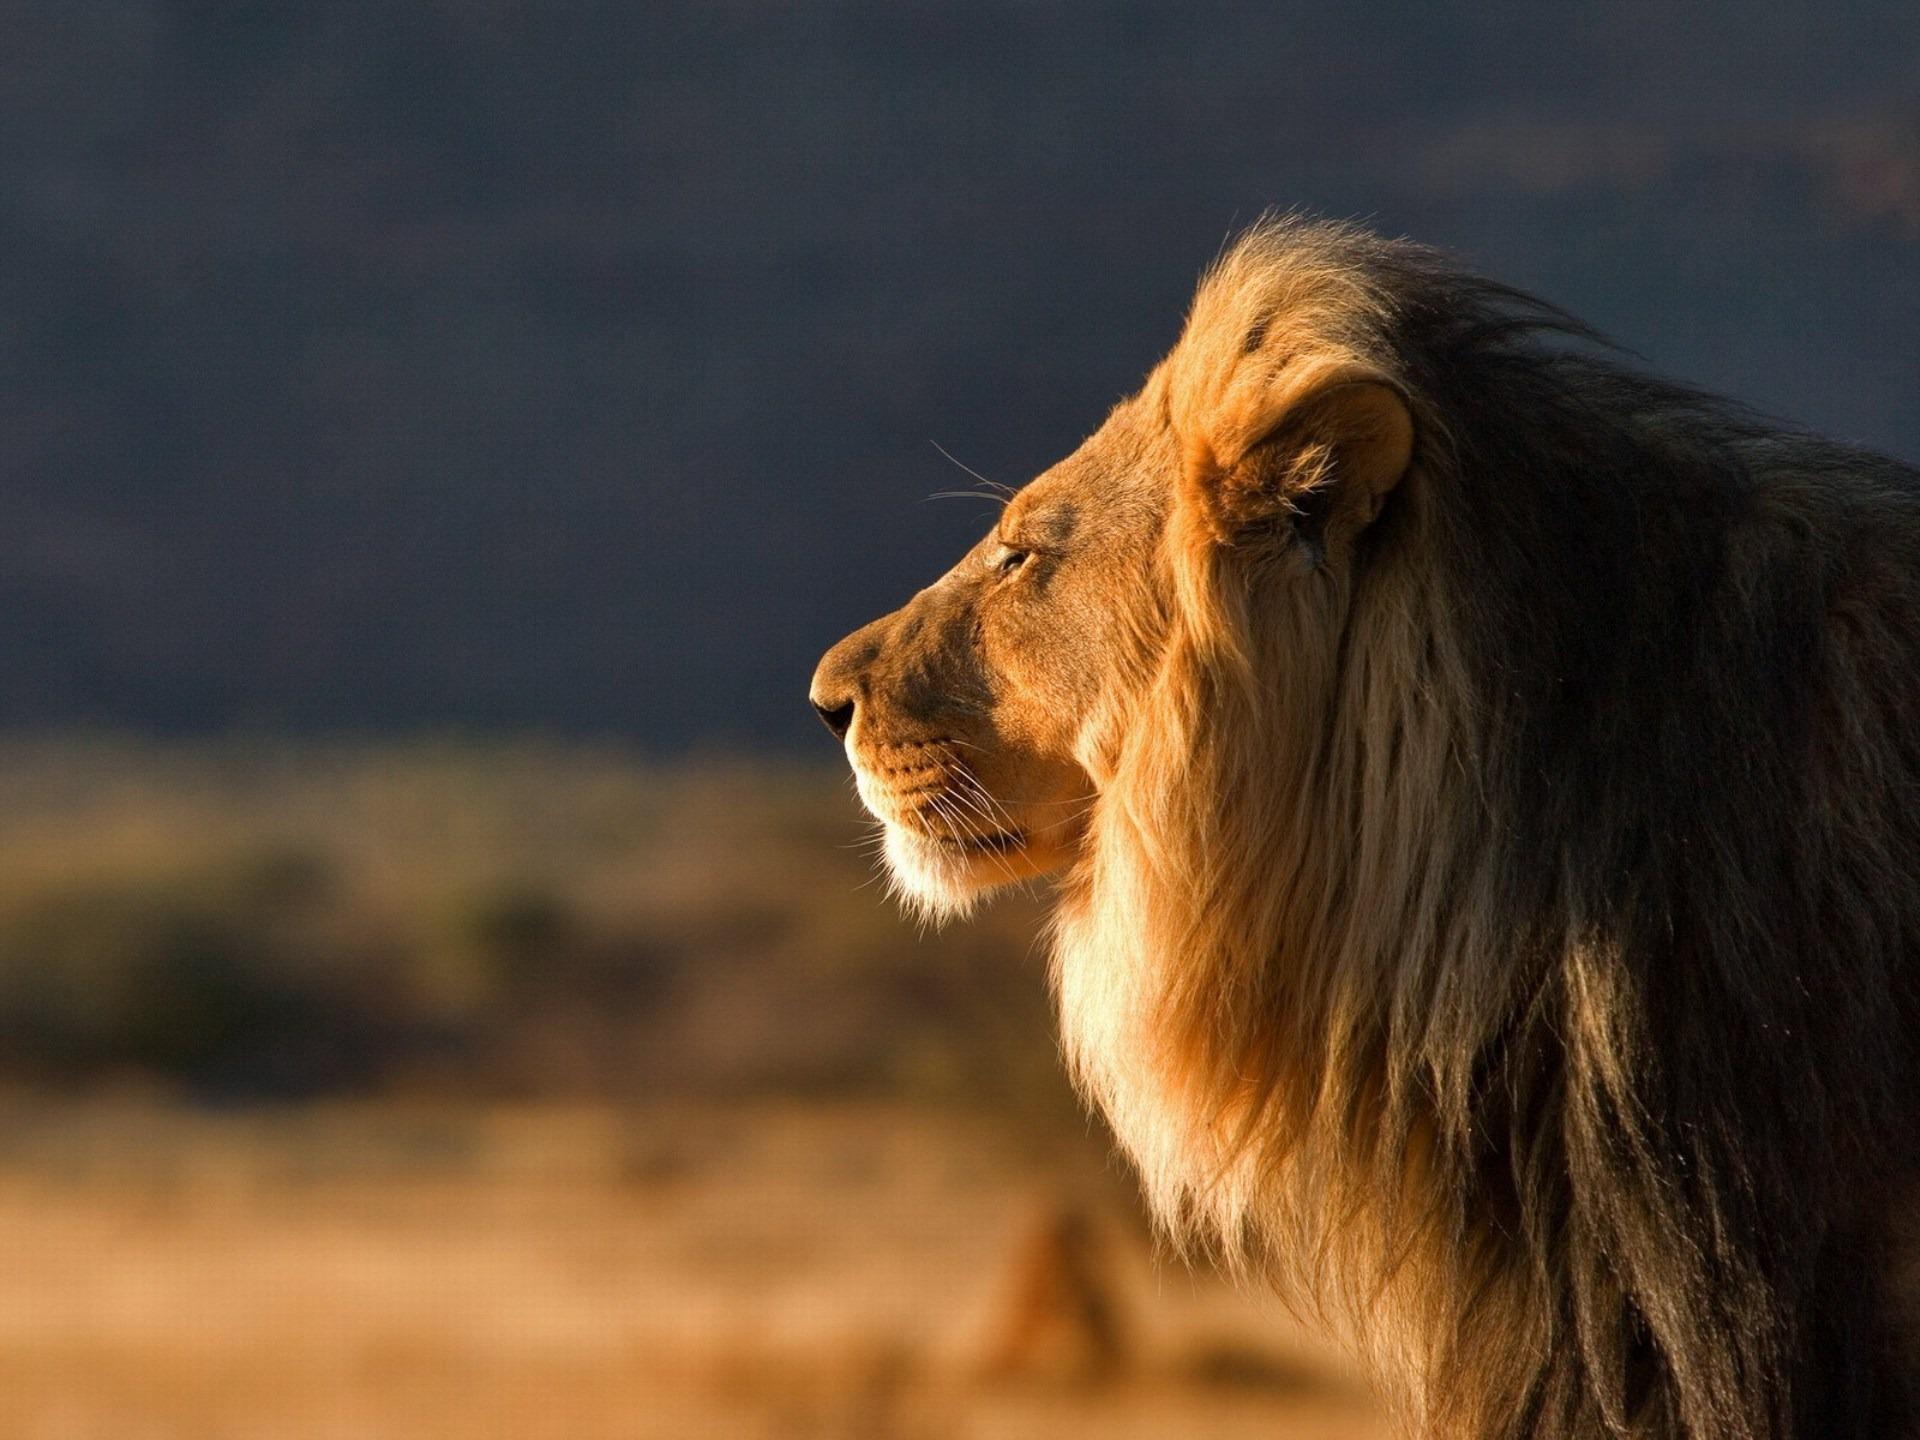 фото льва в лучах заходящего солнца, скачать фото, лев